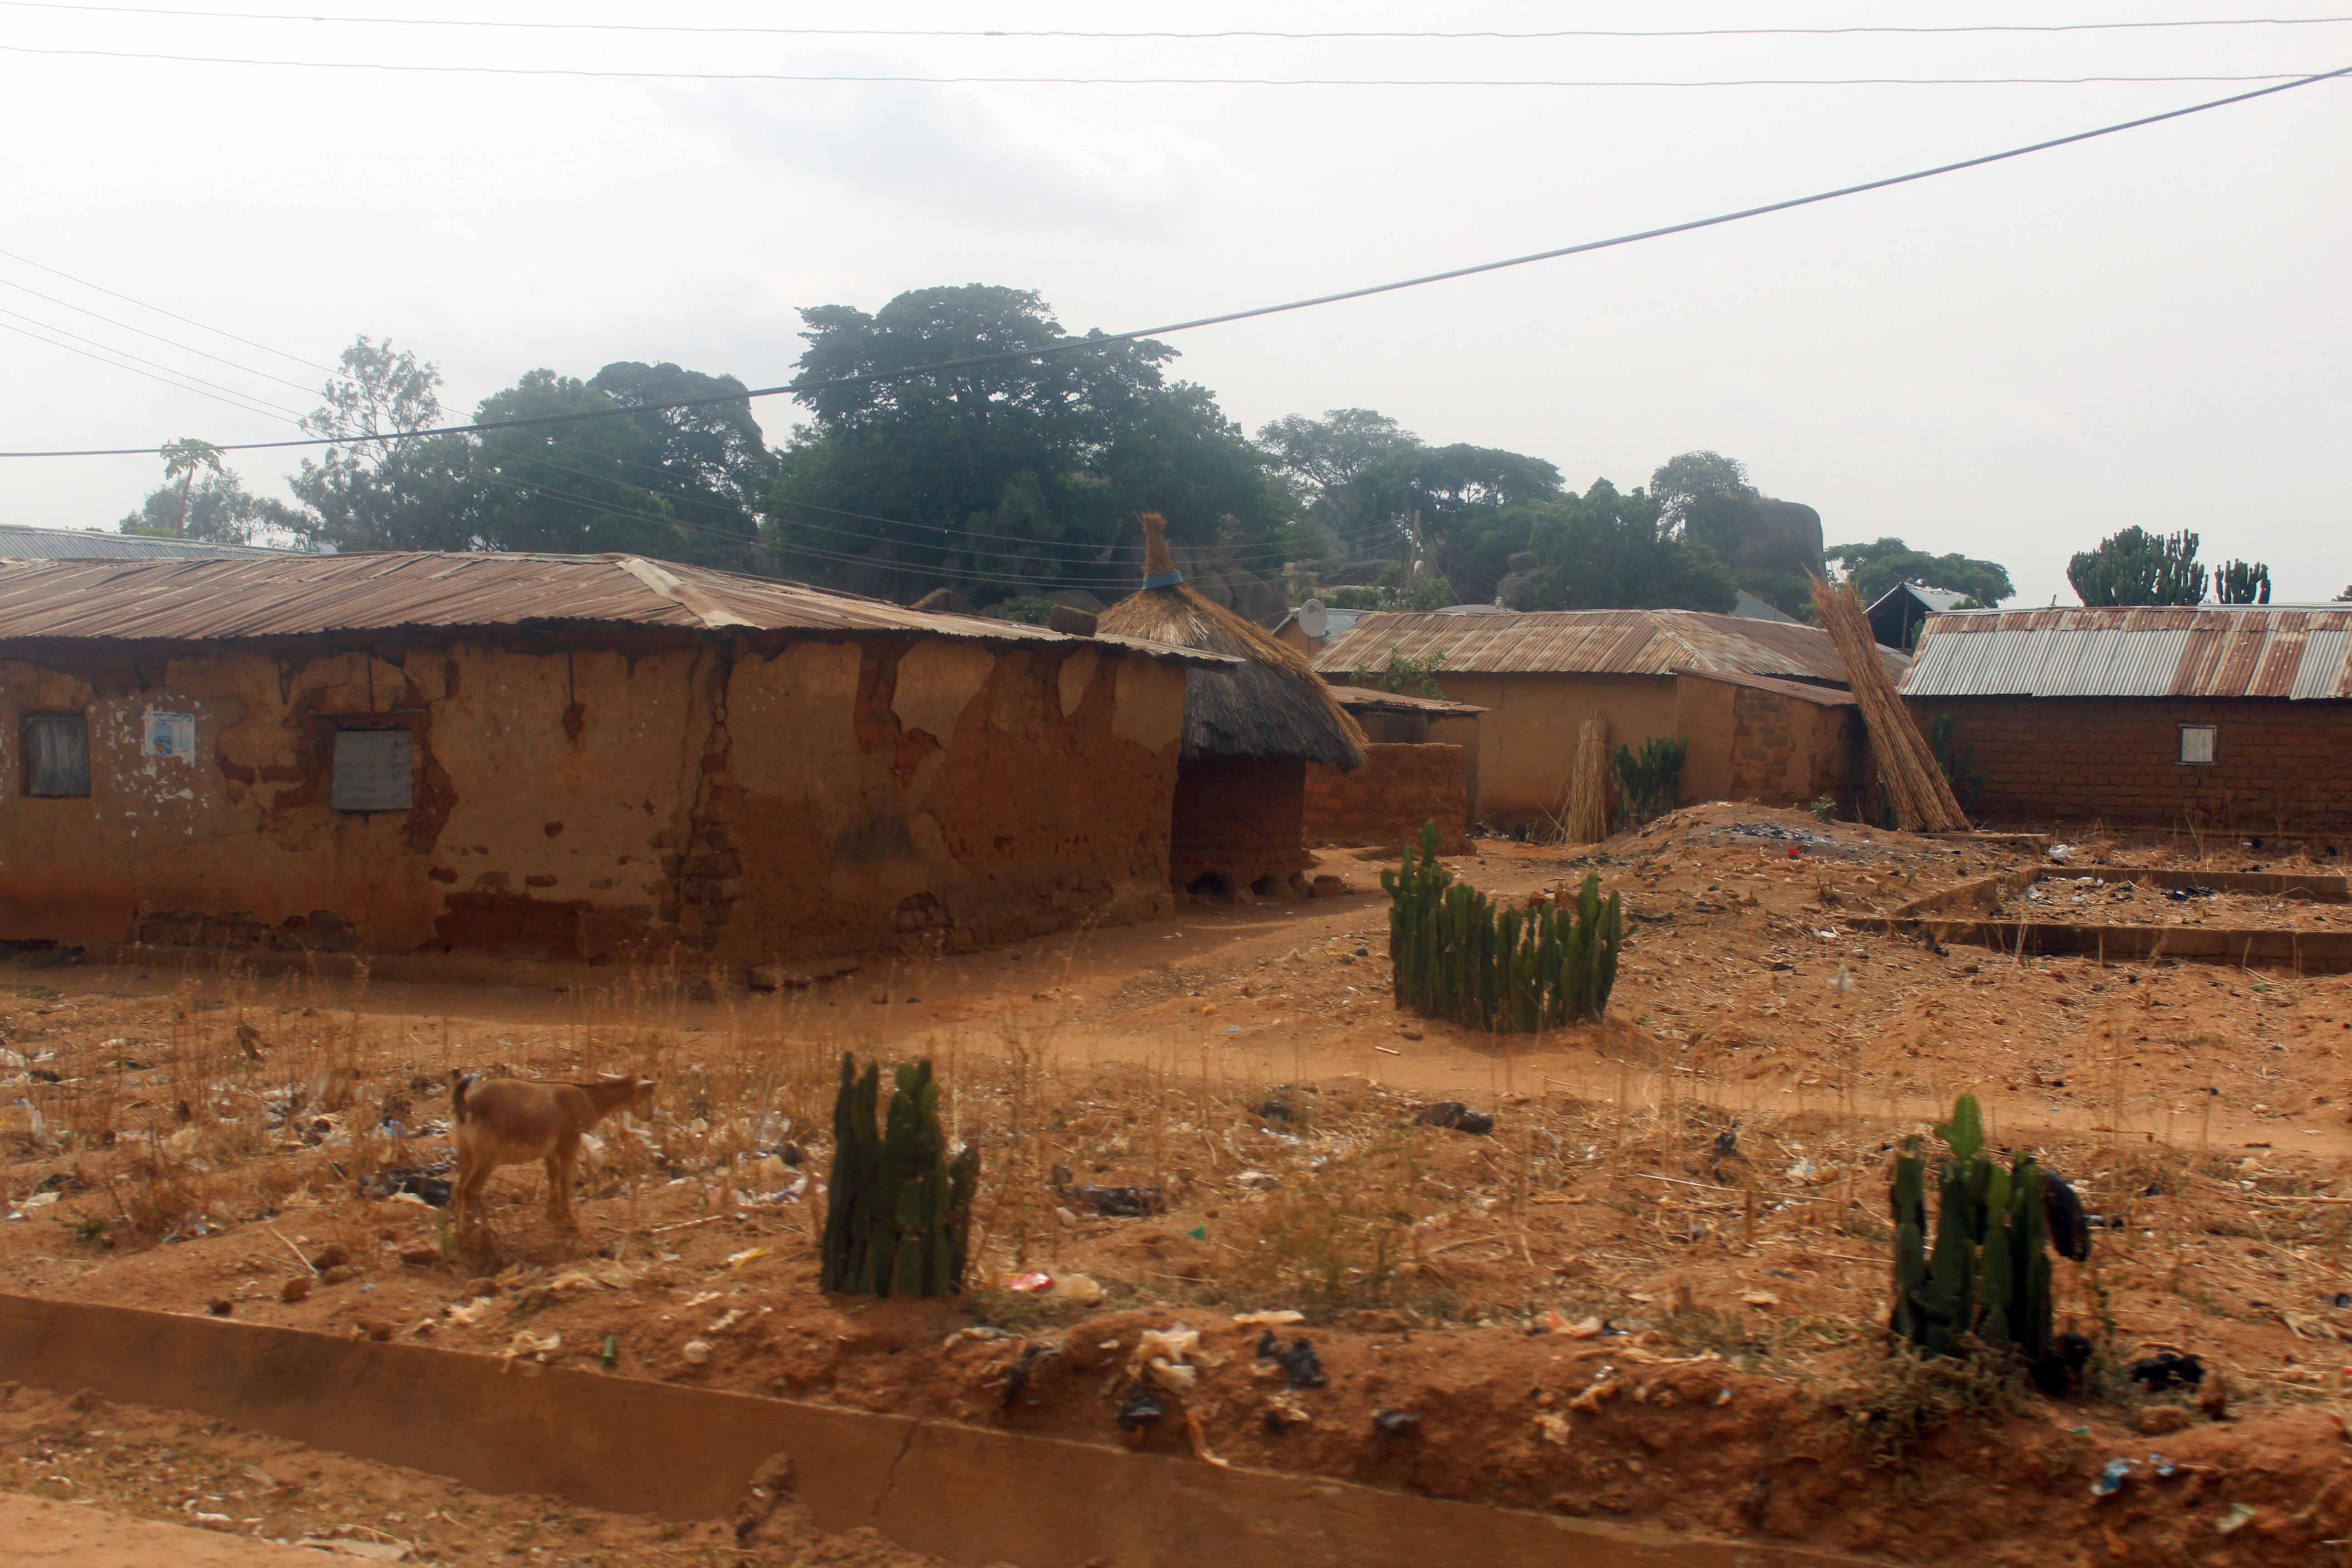 Village in Gombe Nigeria